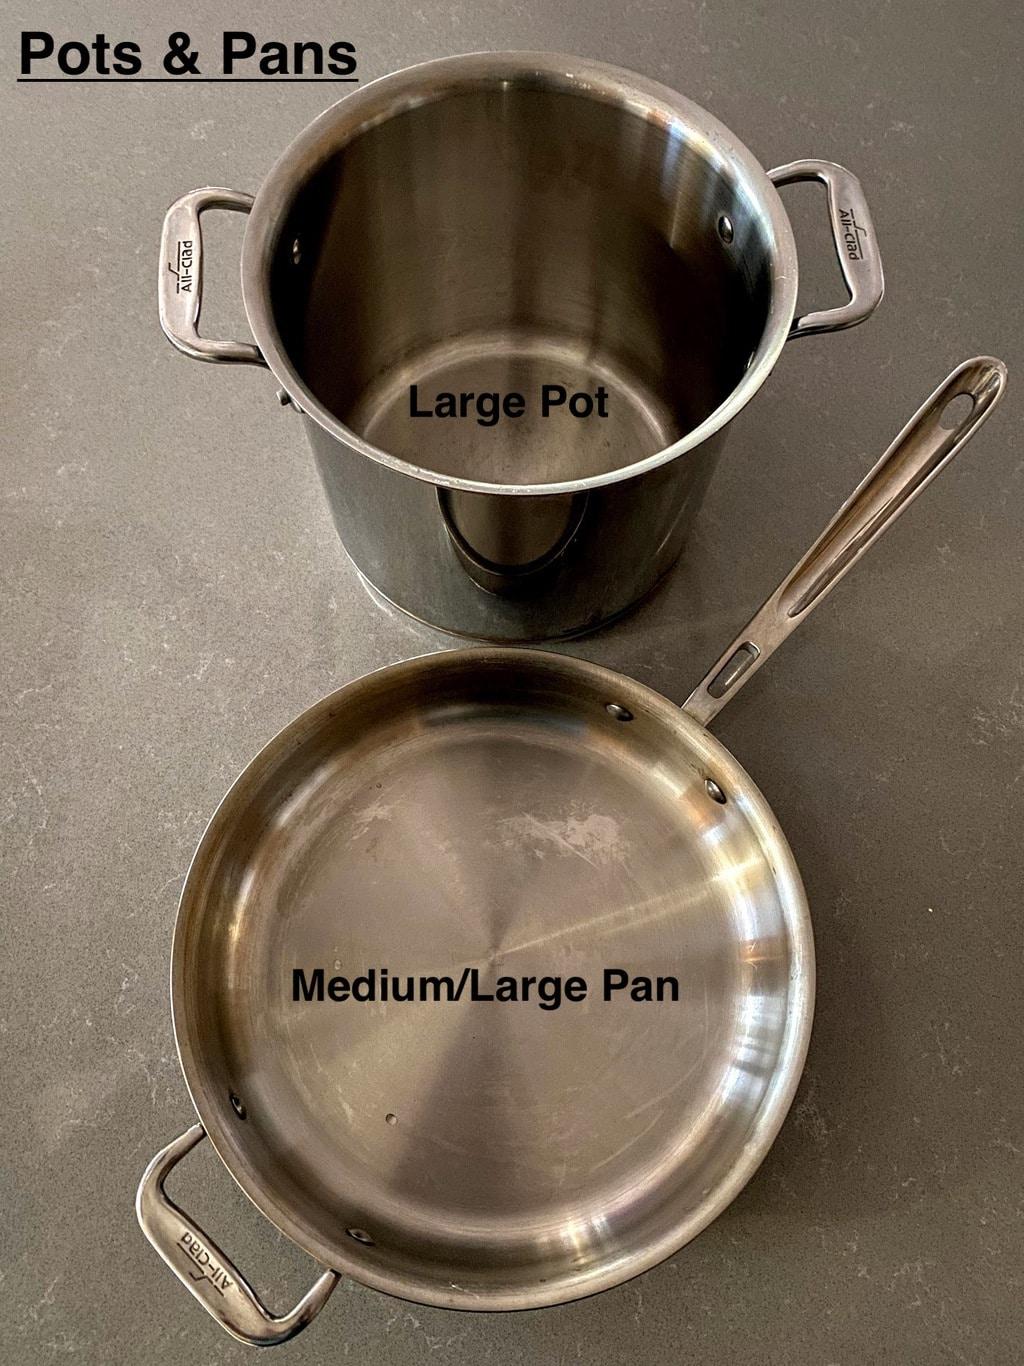 large pot and medium/large pan on grey counter